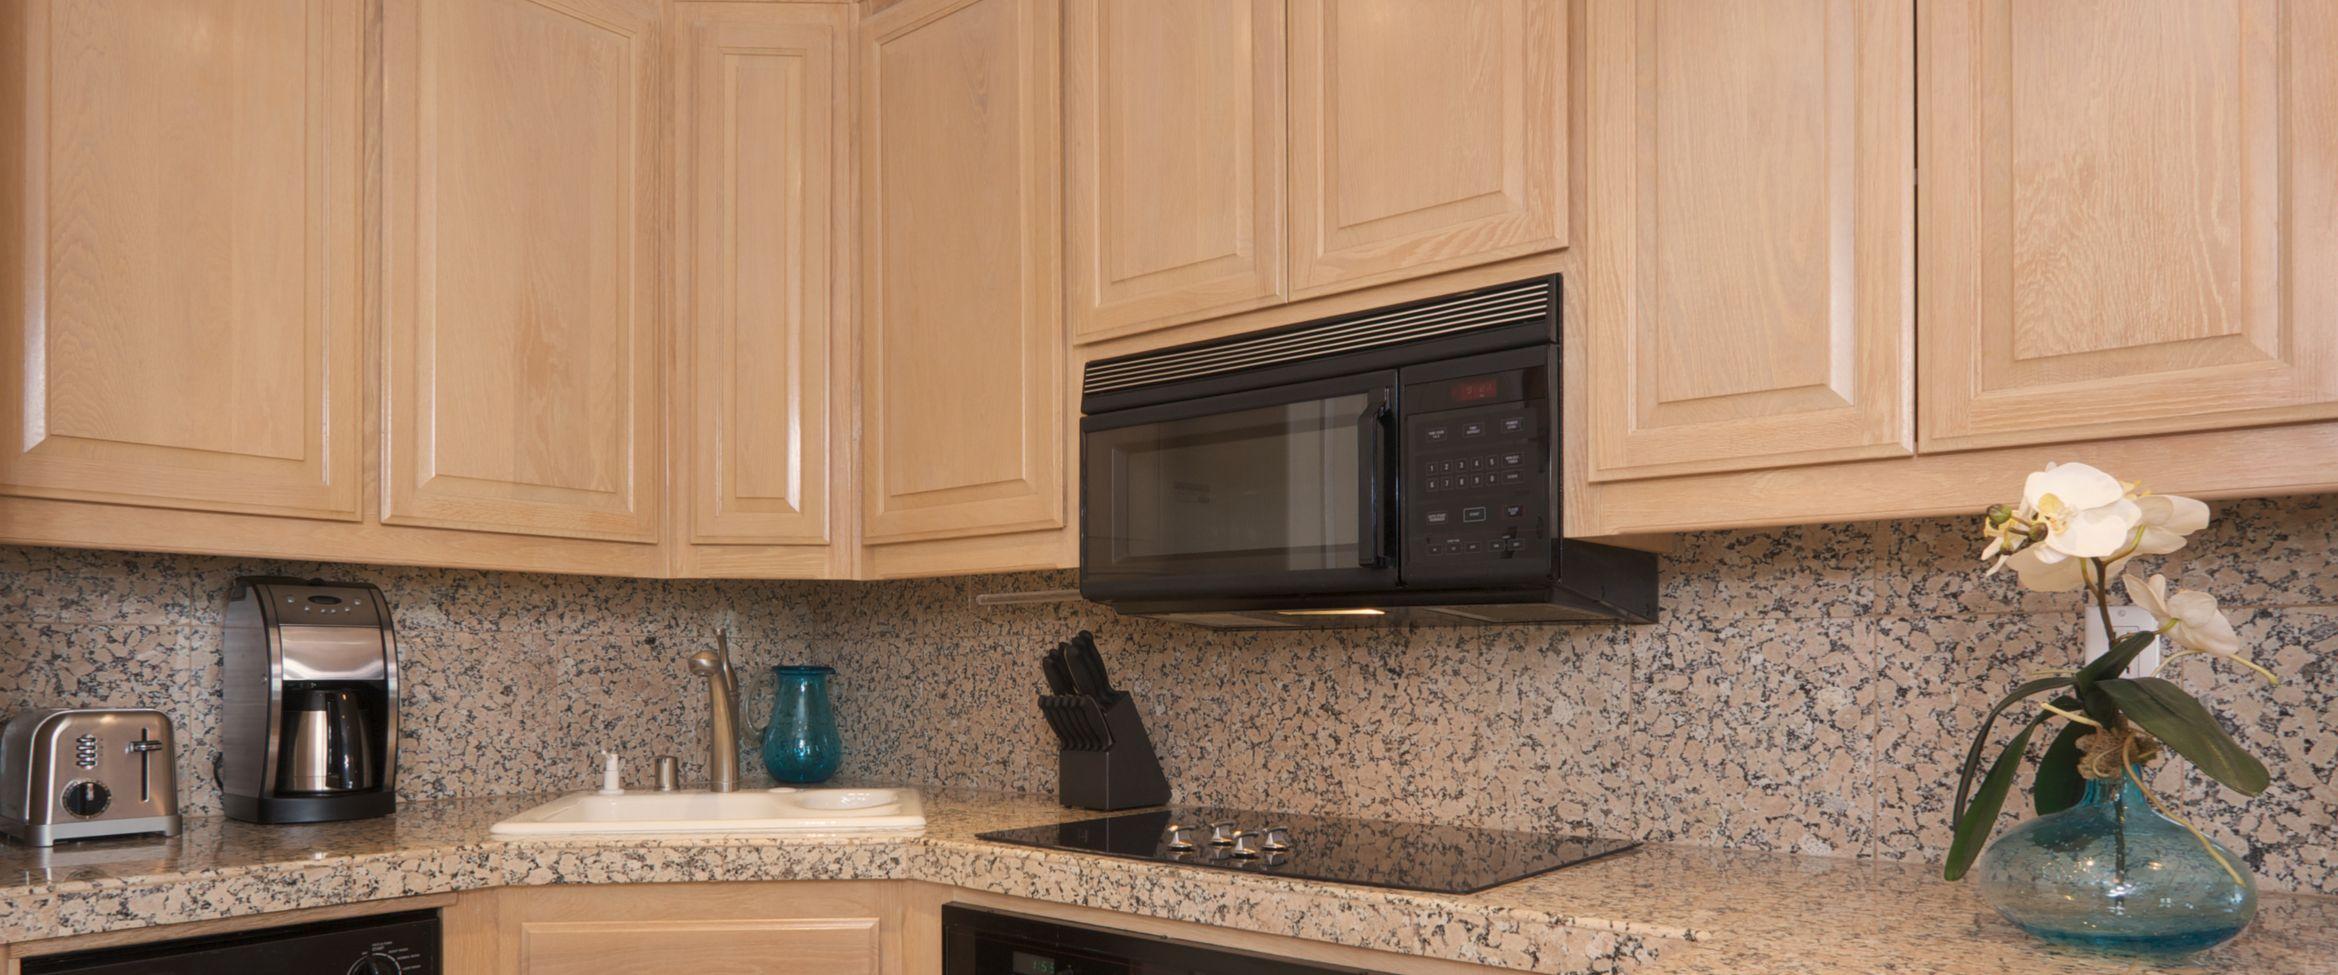 Kitchen Cupboards-2.jpg